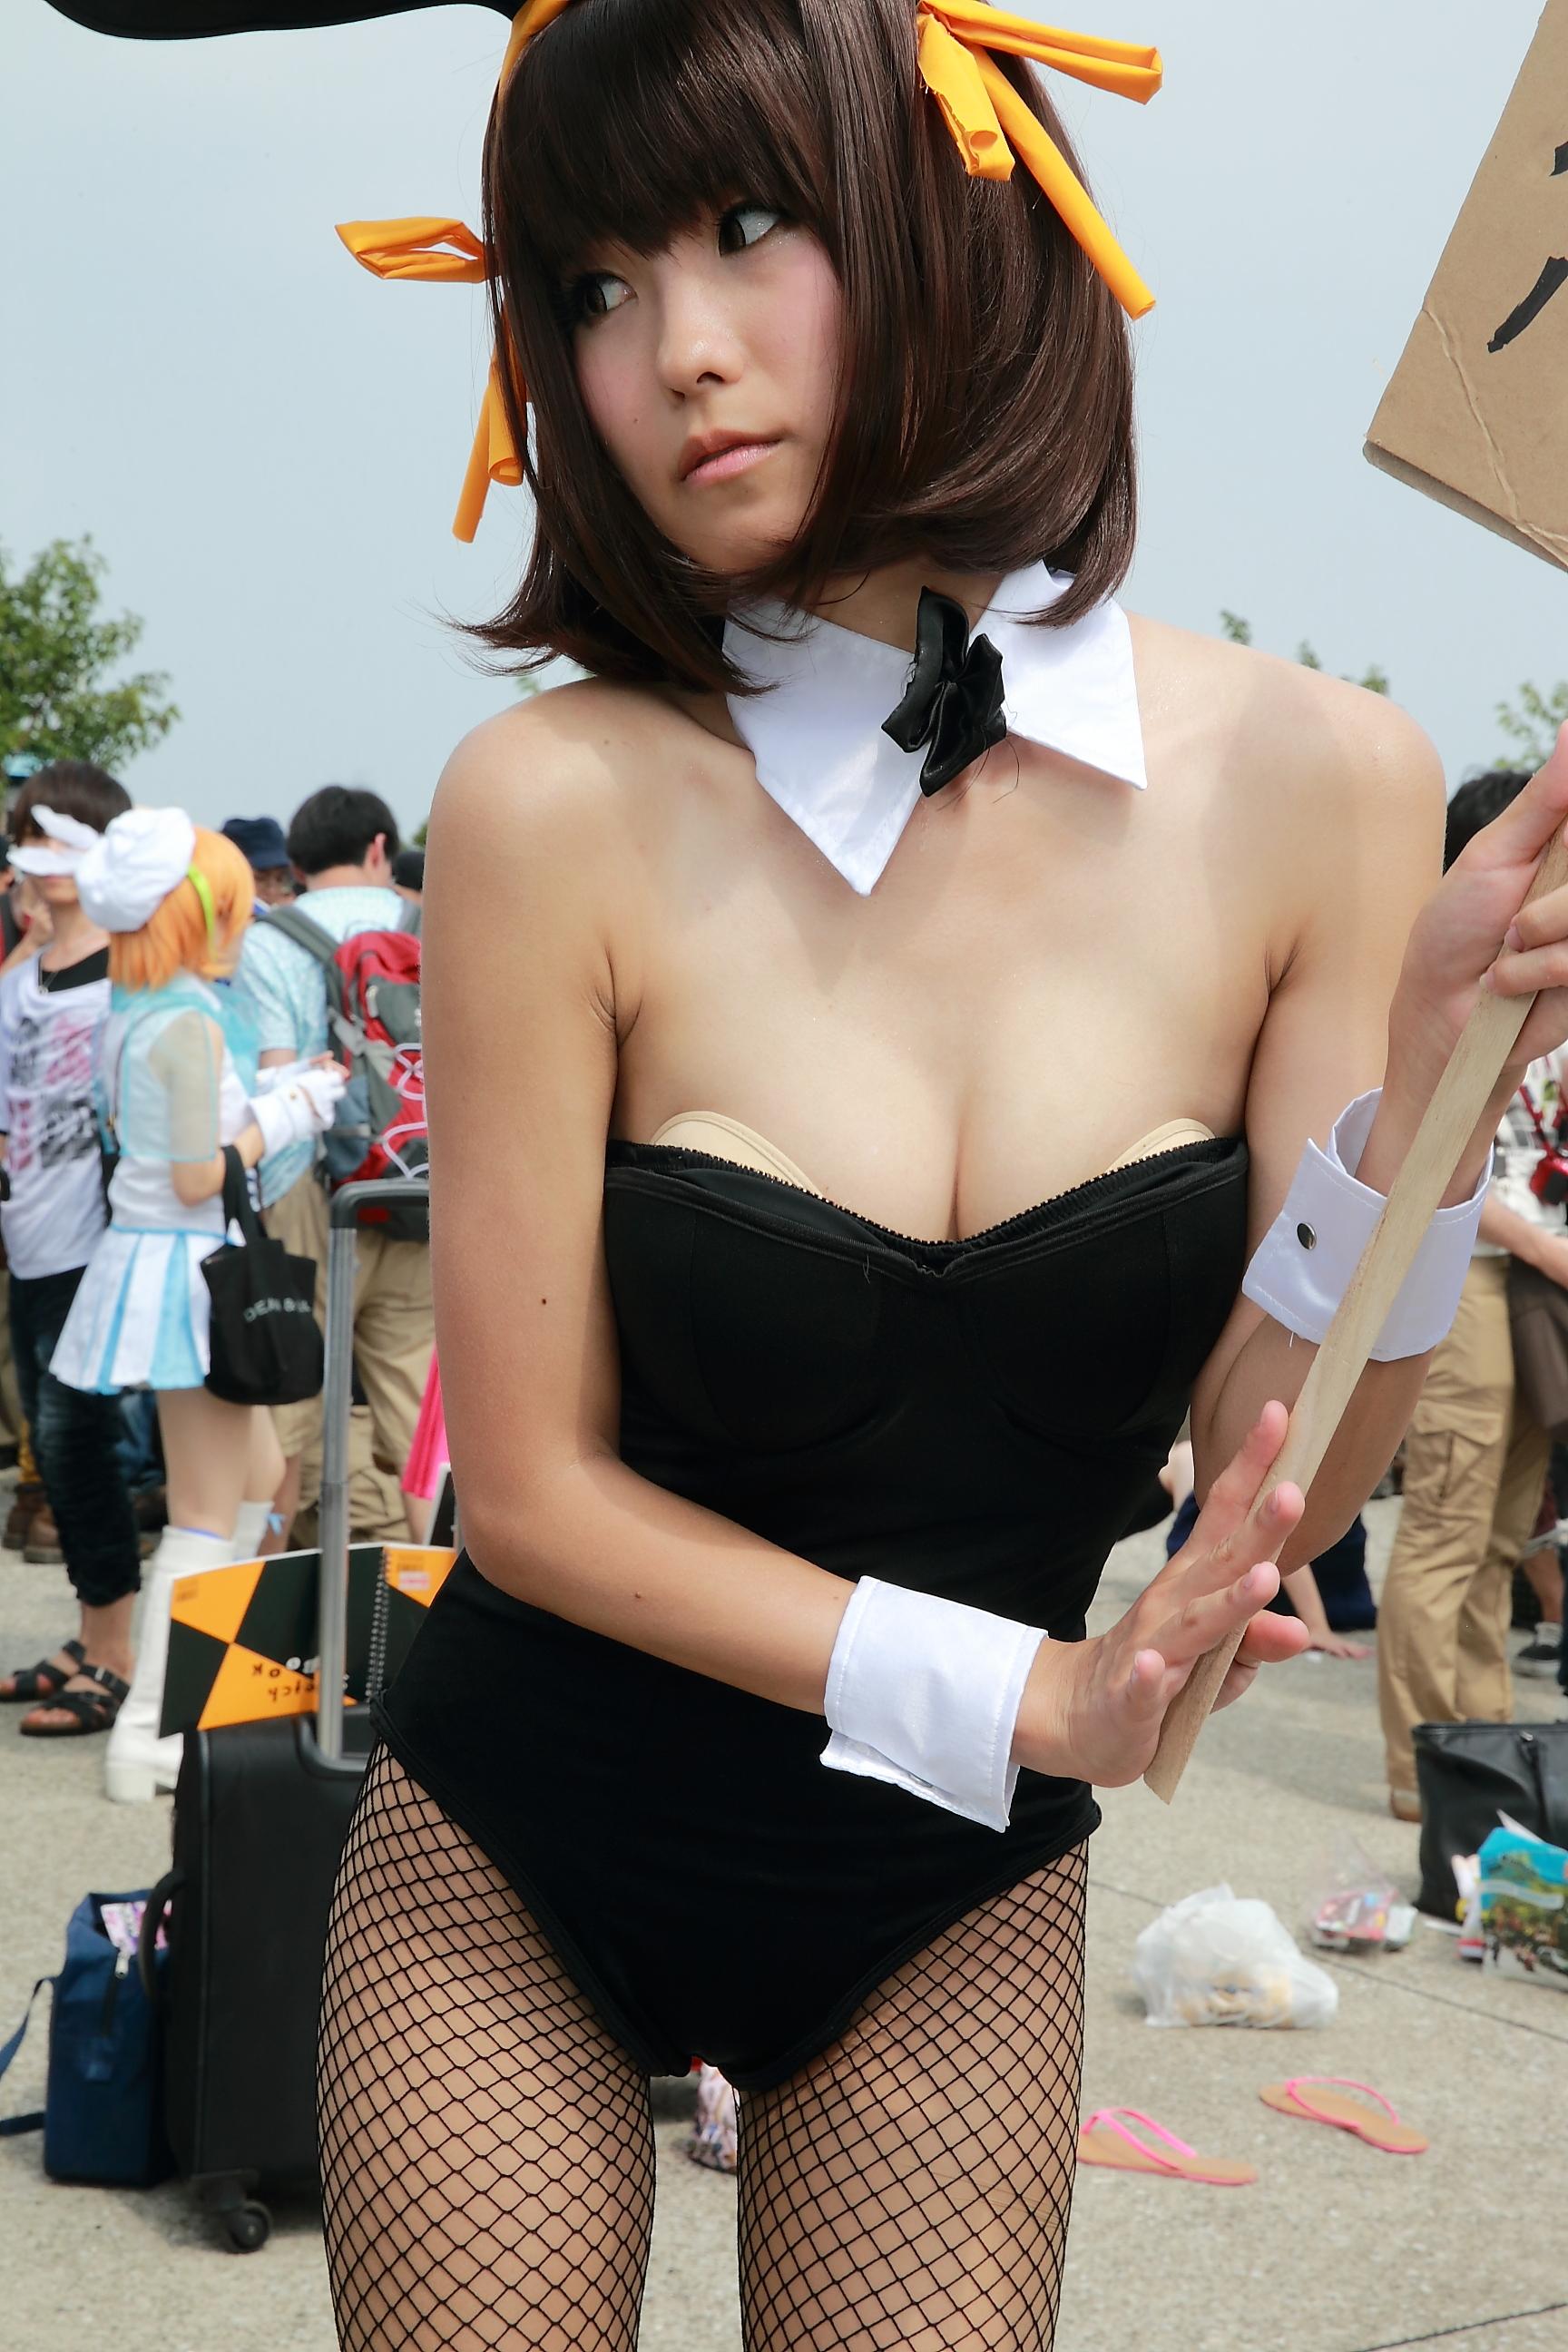 Nagisa Nagi Bunny Girl Cosplay Steals the Spotlight at Comiket 88 17